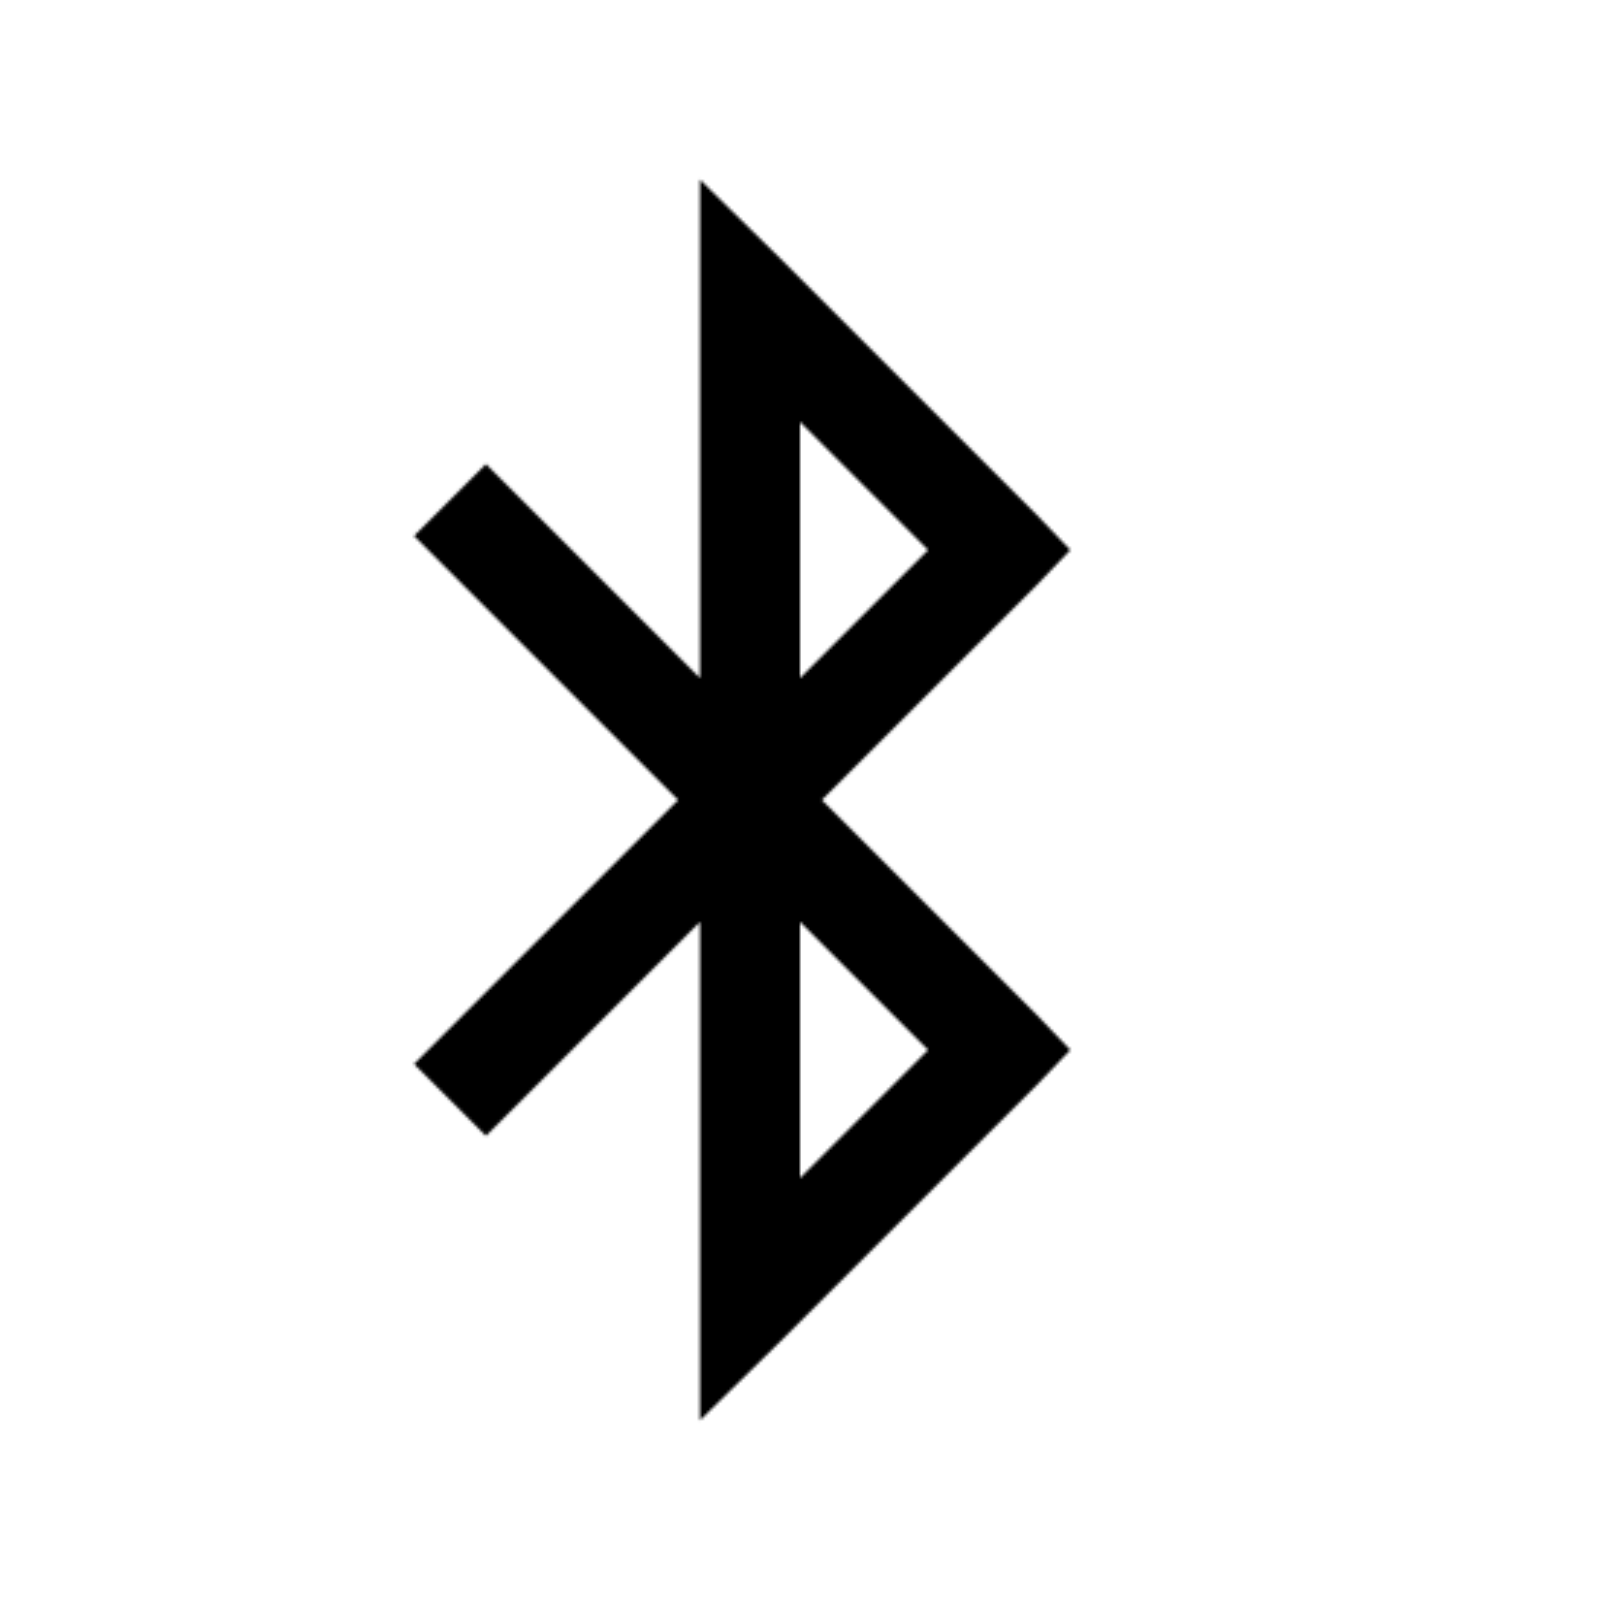 蓝牙 icon. The icon is the Bluetooth company logo. The symbol is a combination of the old norse letters for 'B' and 'H' overlapping to form the symbol. The most prominent feature of the logo is the 'B' which resembles the standard English letter 'B' but is more acute and jagged.